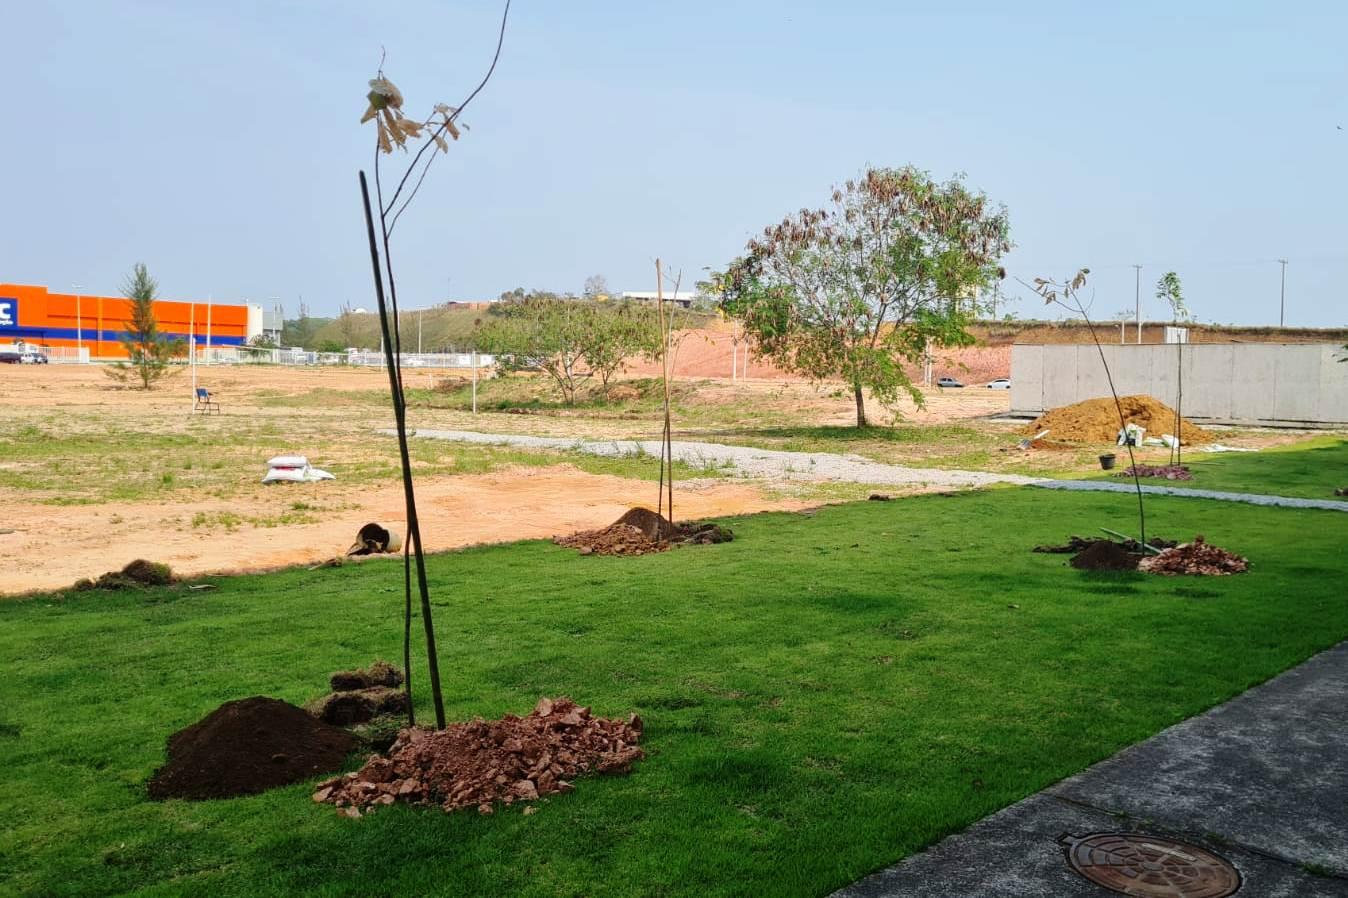 A arborização visa a melhoria da qualidade de vida dentro do campus